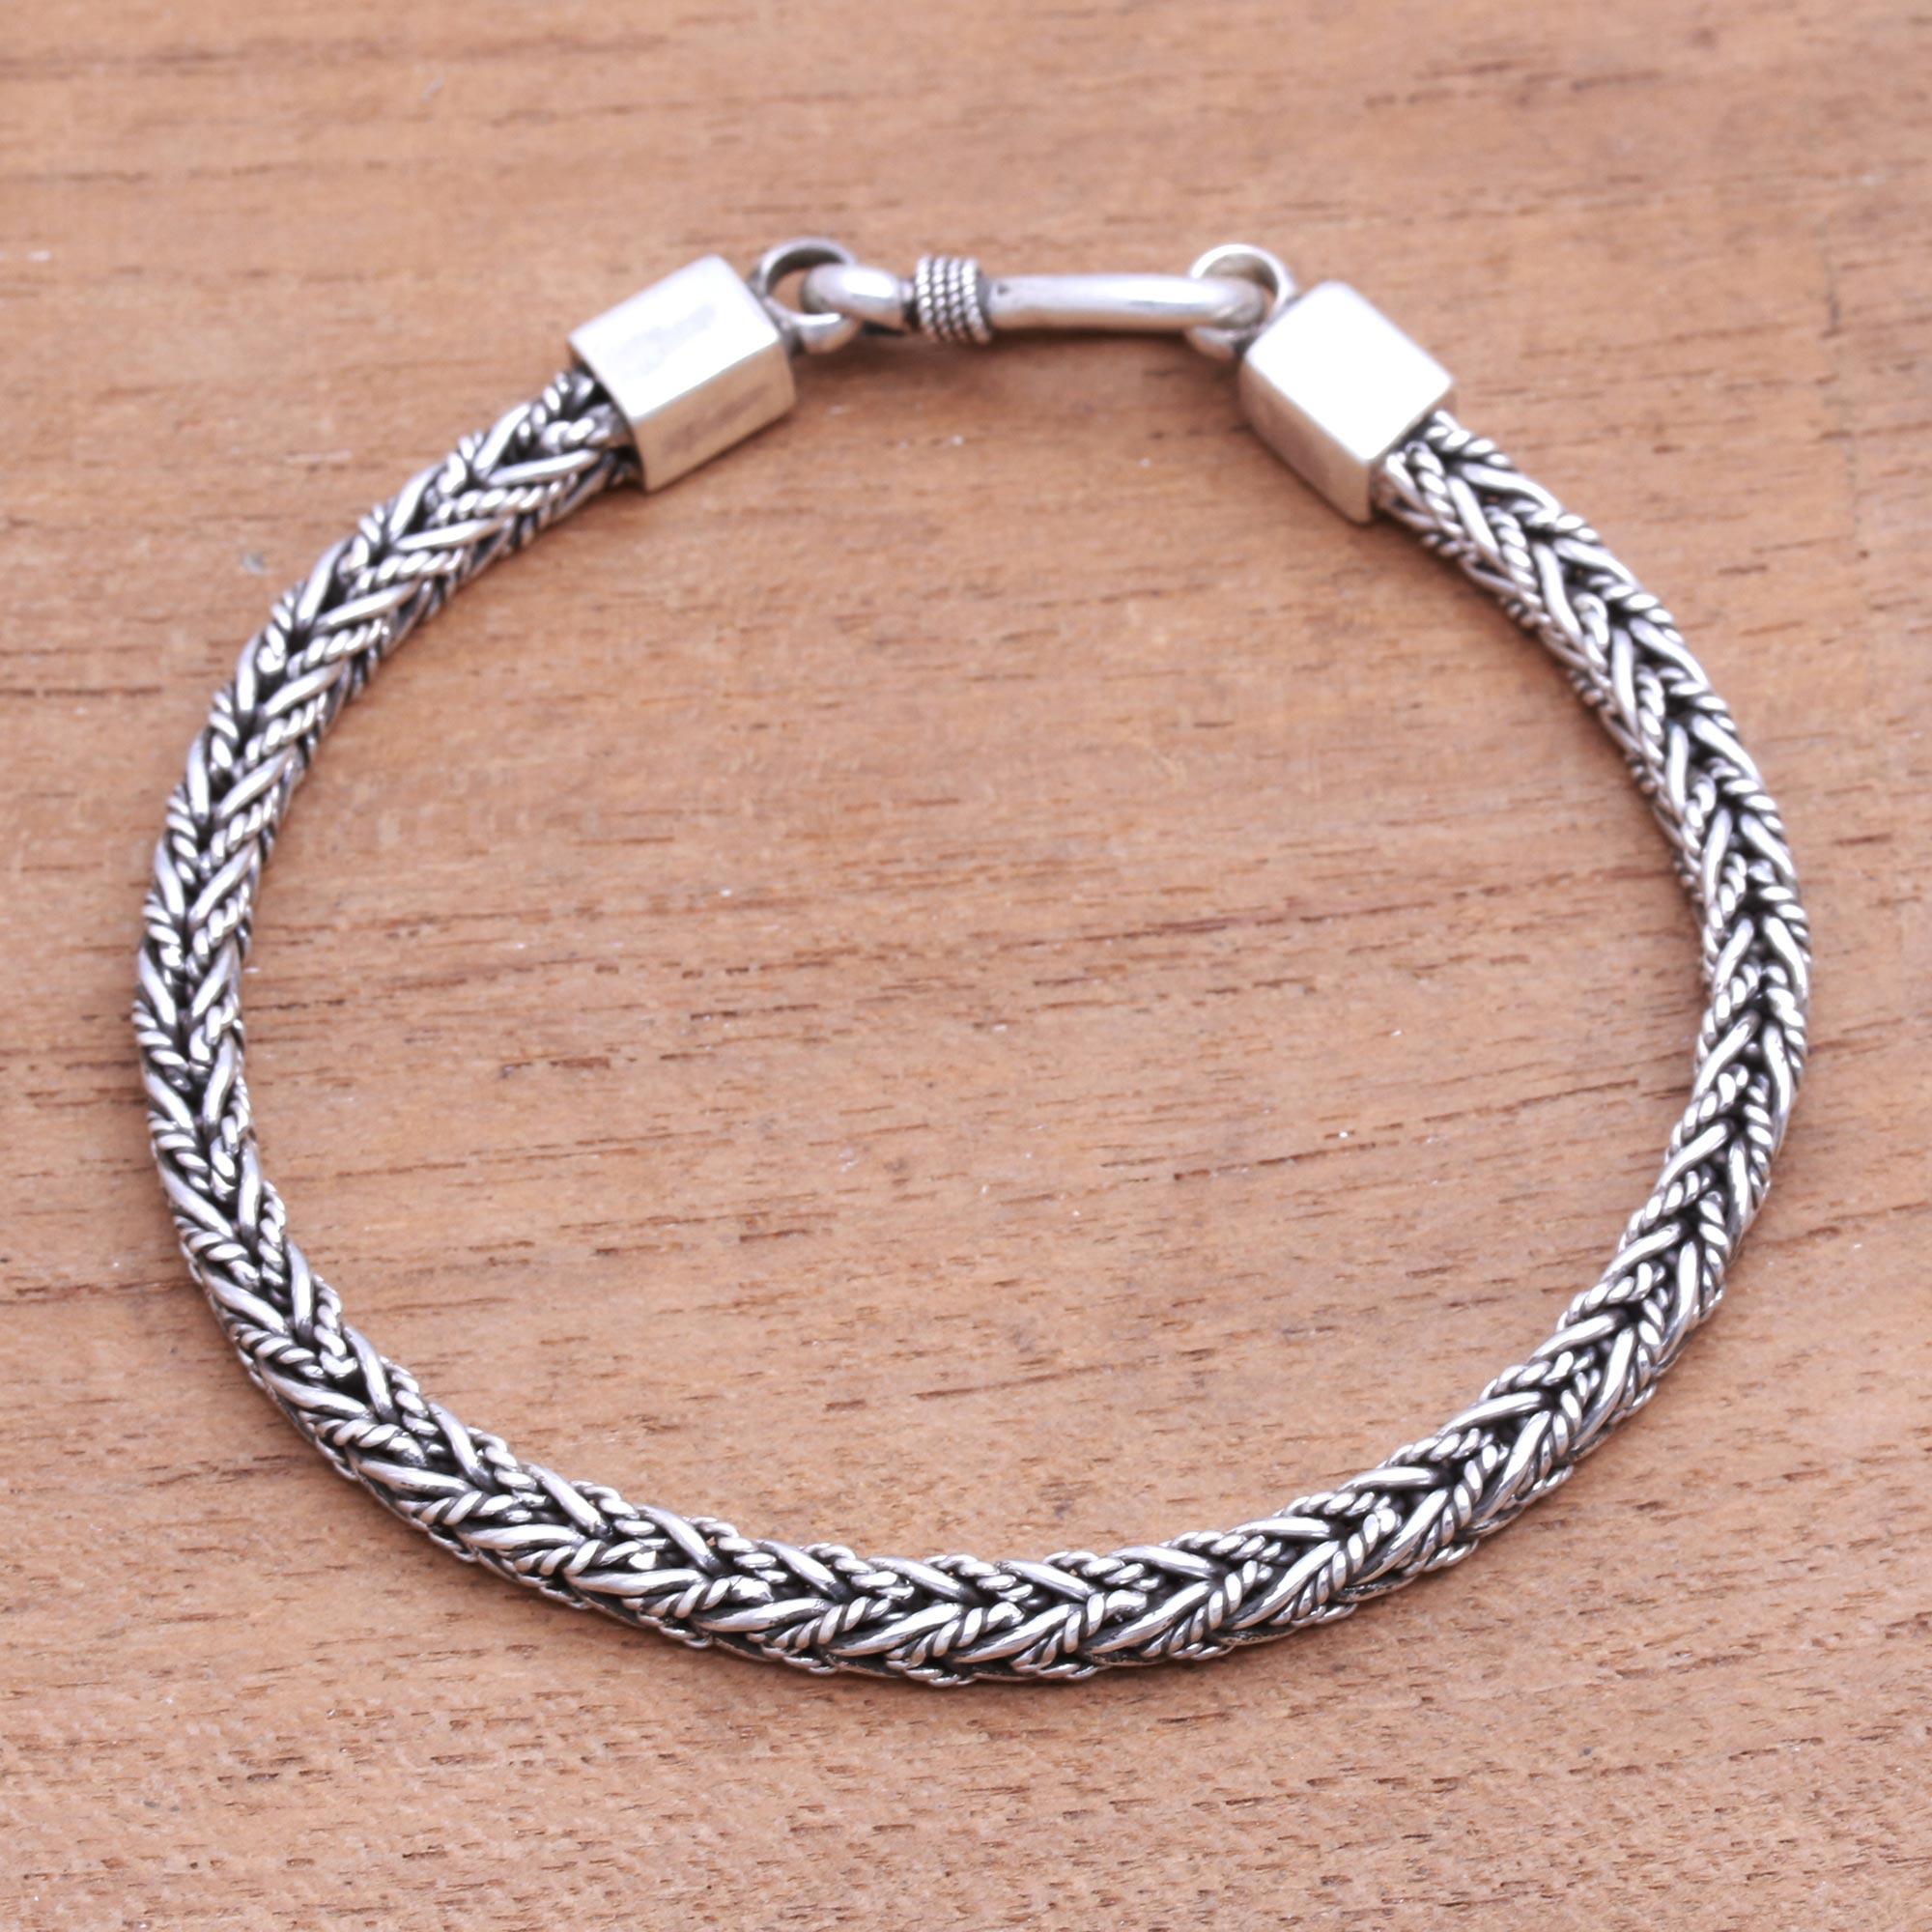 1 Piece Silver Bracelets Bali Chain Belt Bracelet 7 Inch Long